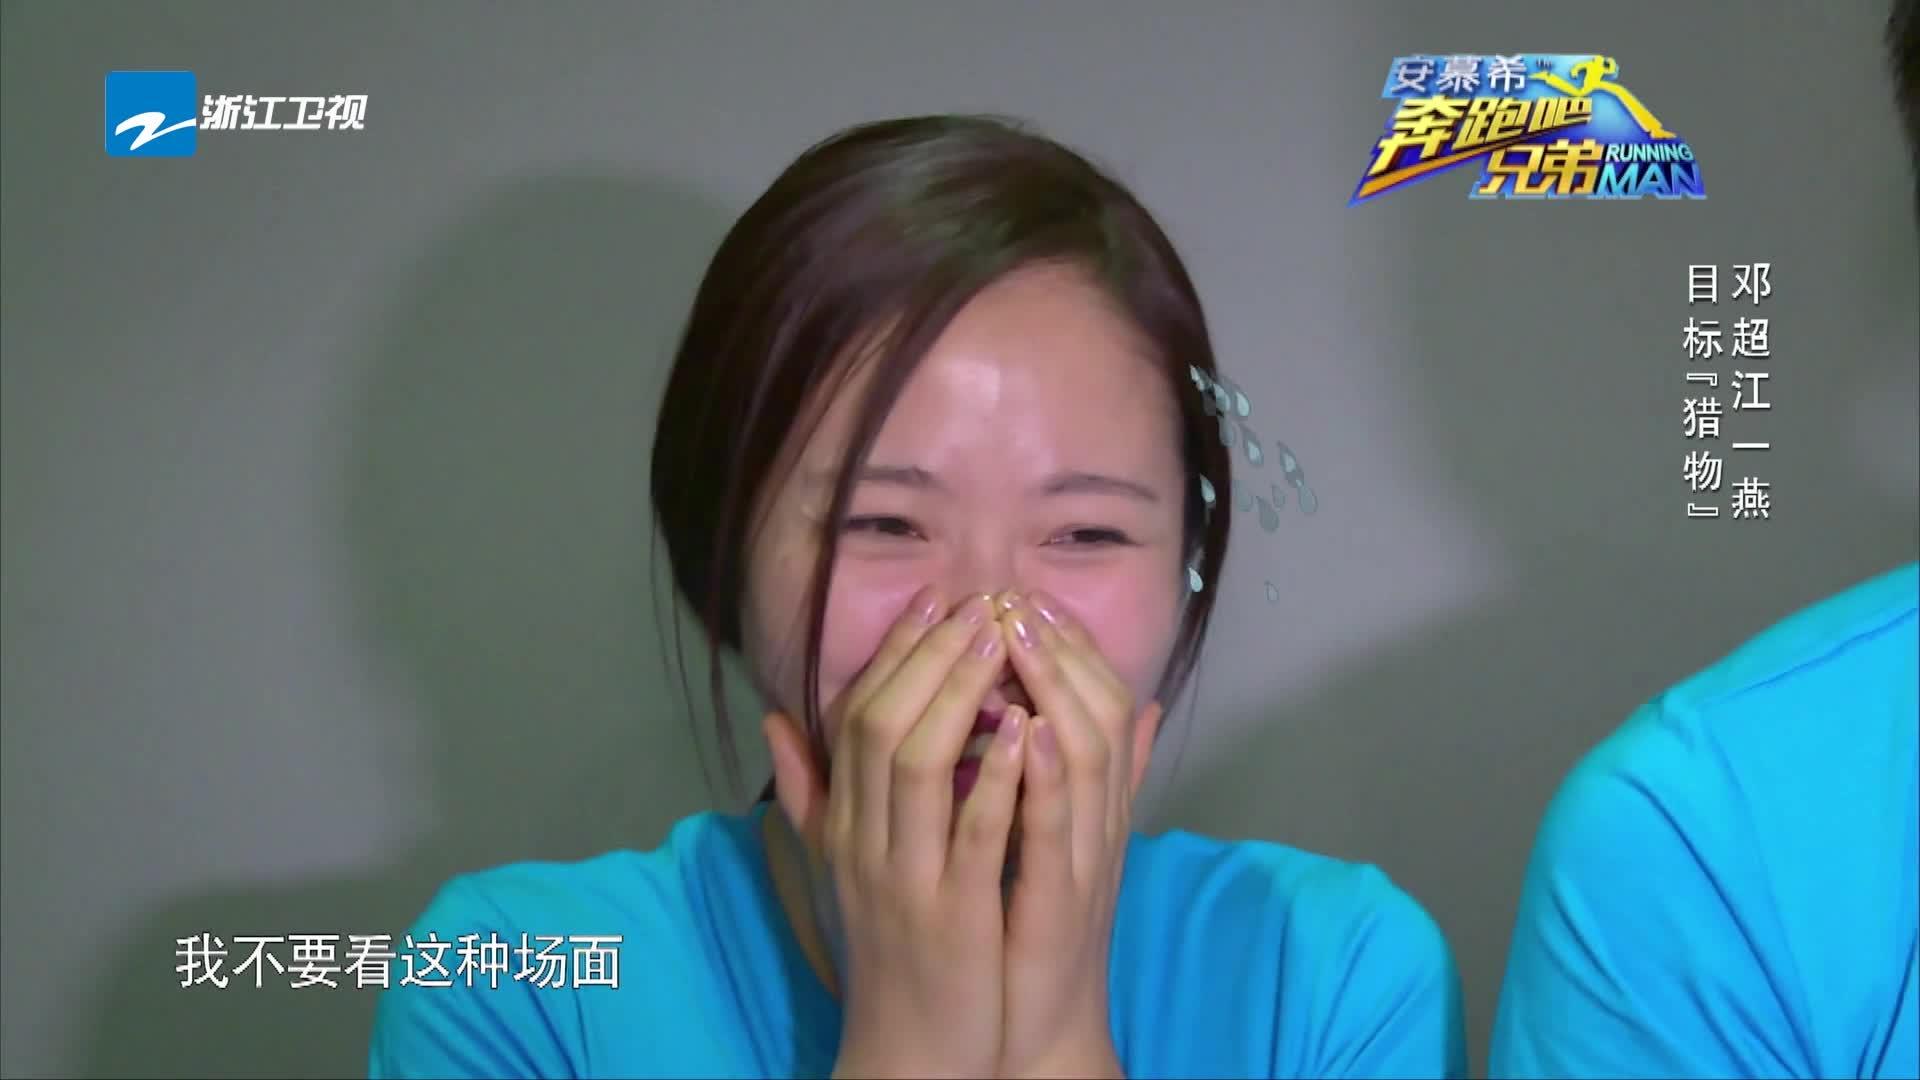 邓超和江一燕成为攻击目标,俩人躲在小黑屋,江一燕紧张到爆!